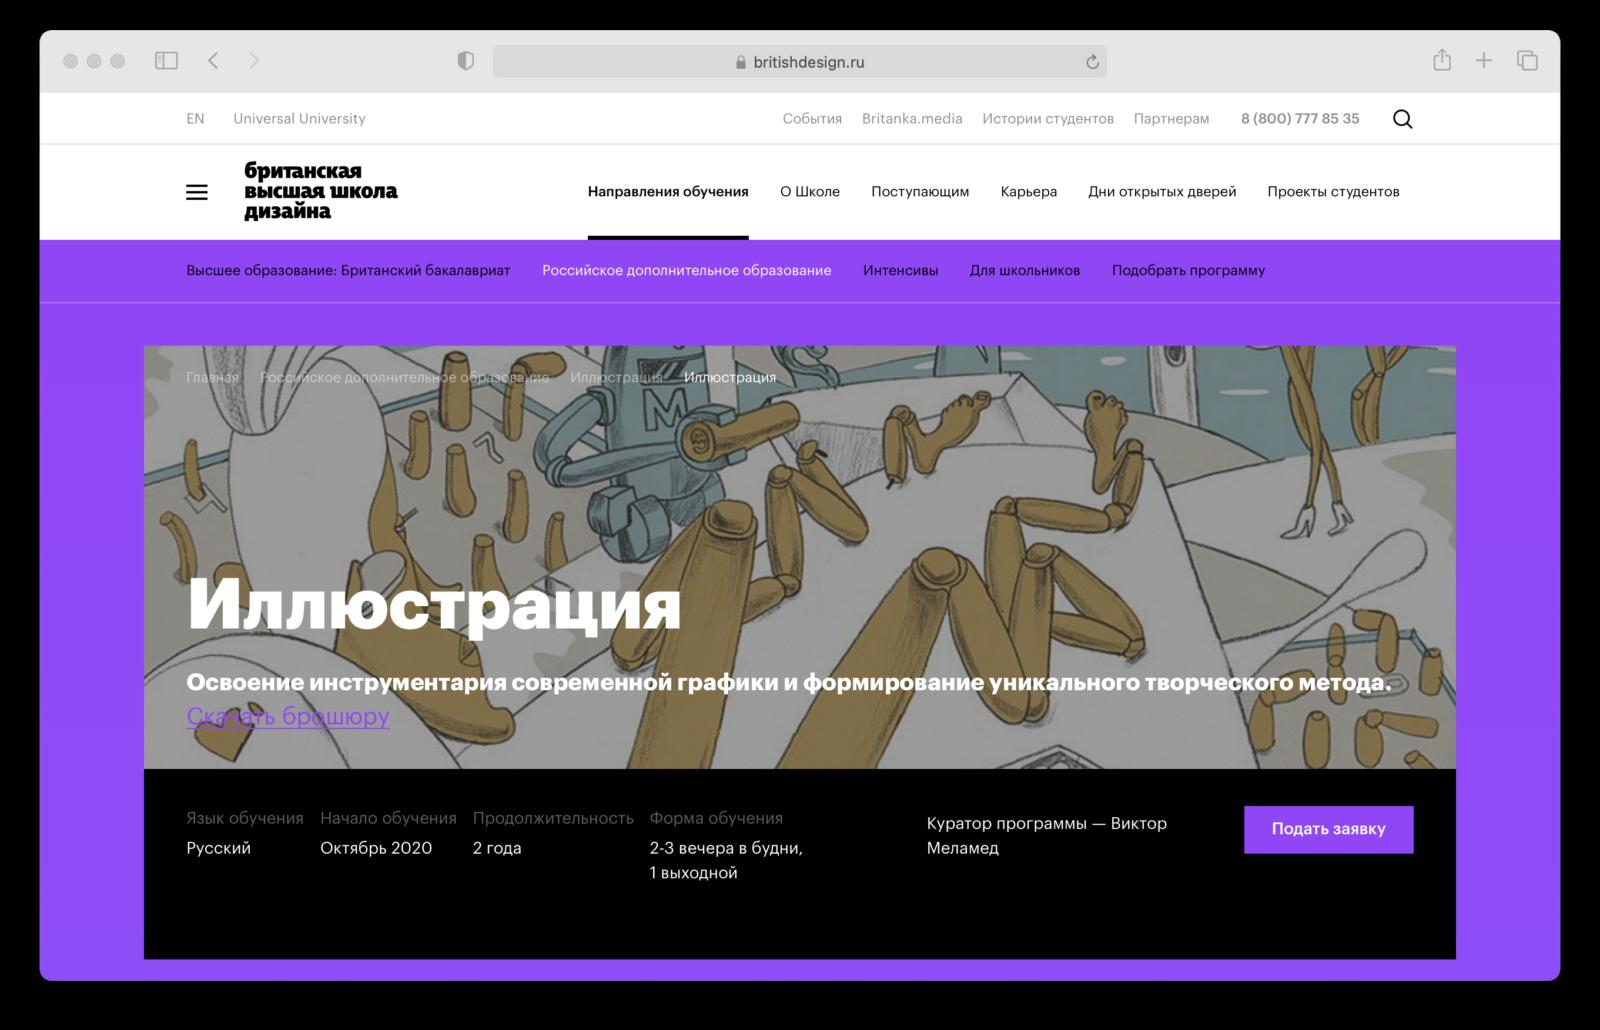 Курсы иллюстрации в Москве, обучение дизайнеров-иллюстраторов – Британская высшая школа дизайна